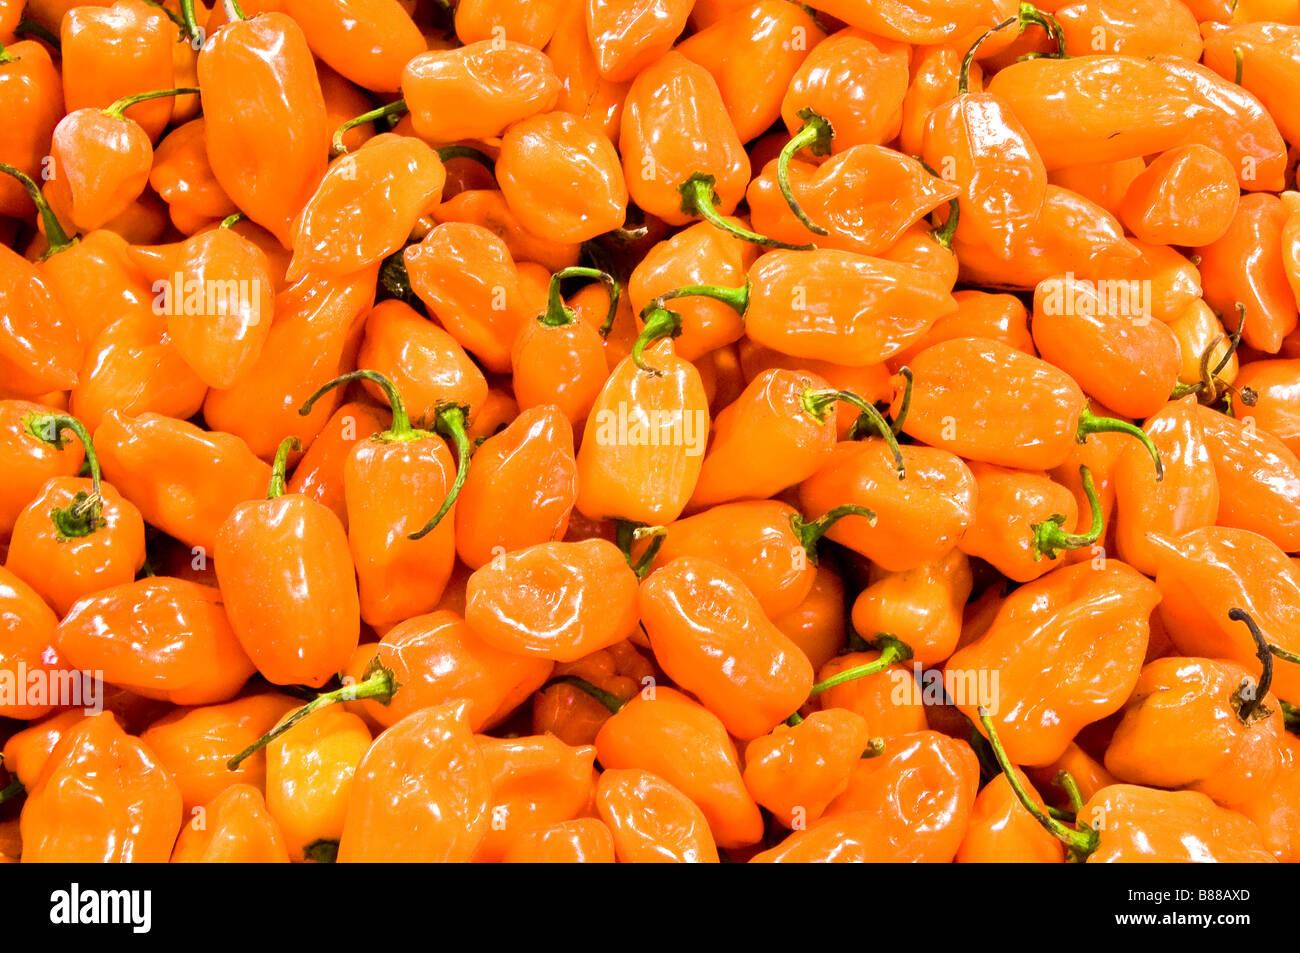 Habanero chiles at Mercado Pino Suarez Old Town Mazatlan Mexico - Stock Image